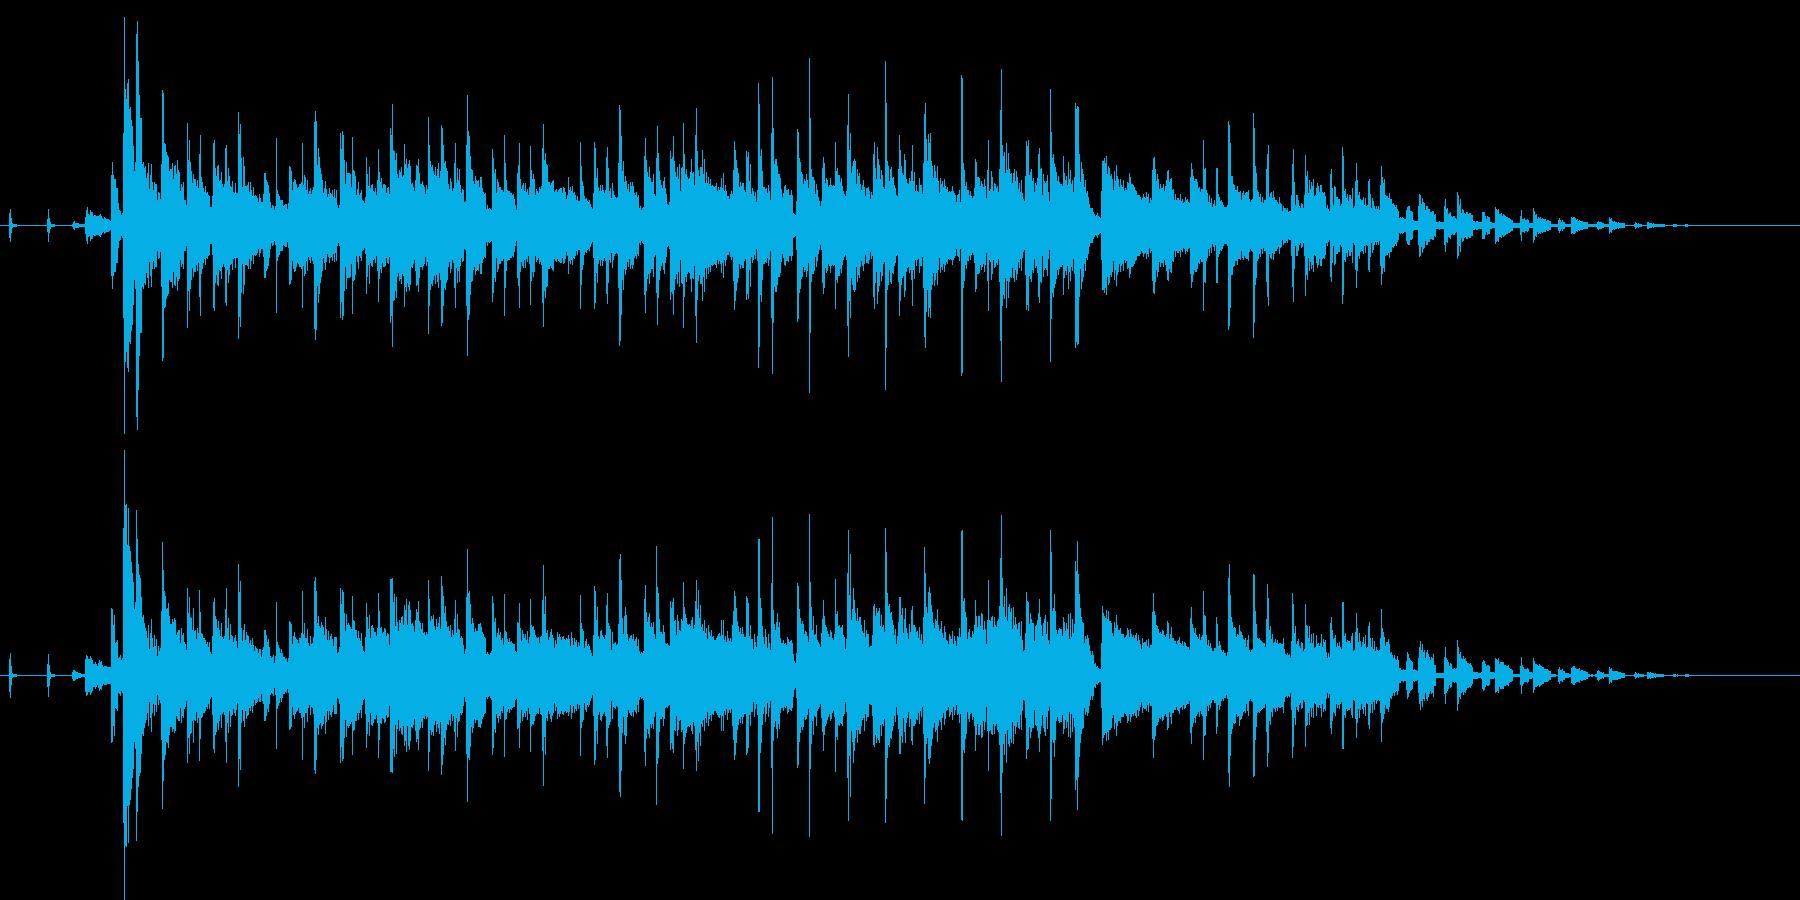 オルガンセッションのジングルの再生済みの波形